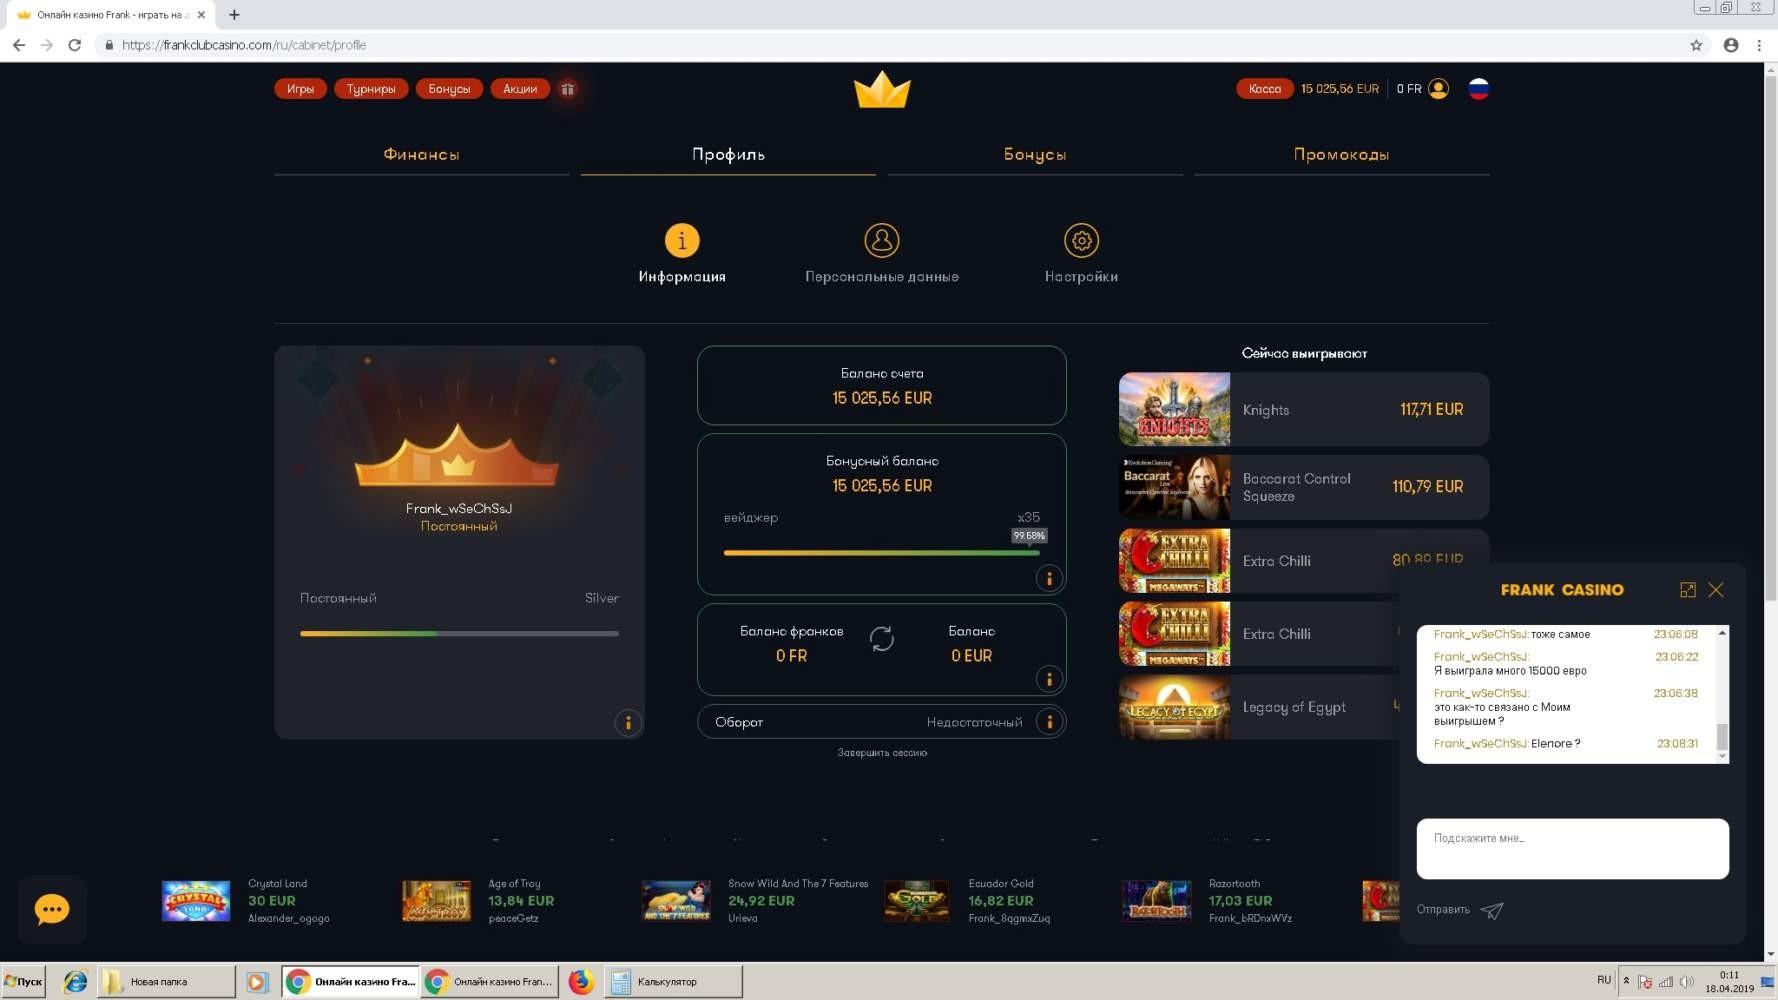 официальный сайт промокод франк казино 2018